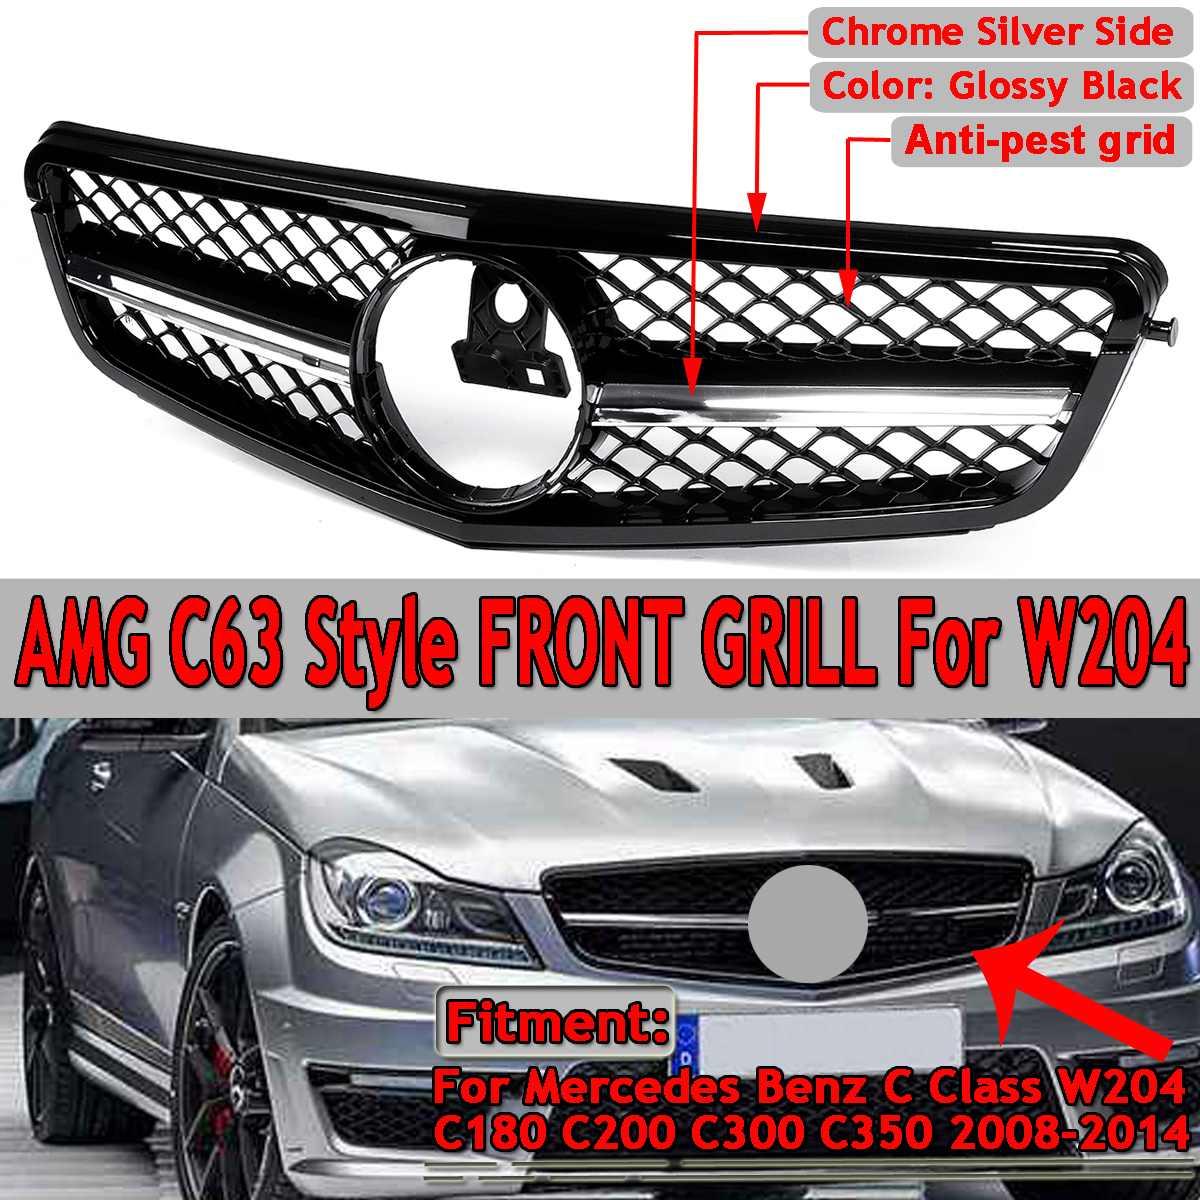 Para AMG C63 estilo nuevo coche parrilla superior delantera para Mercedes para...